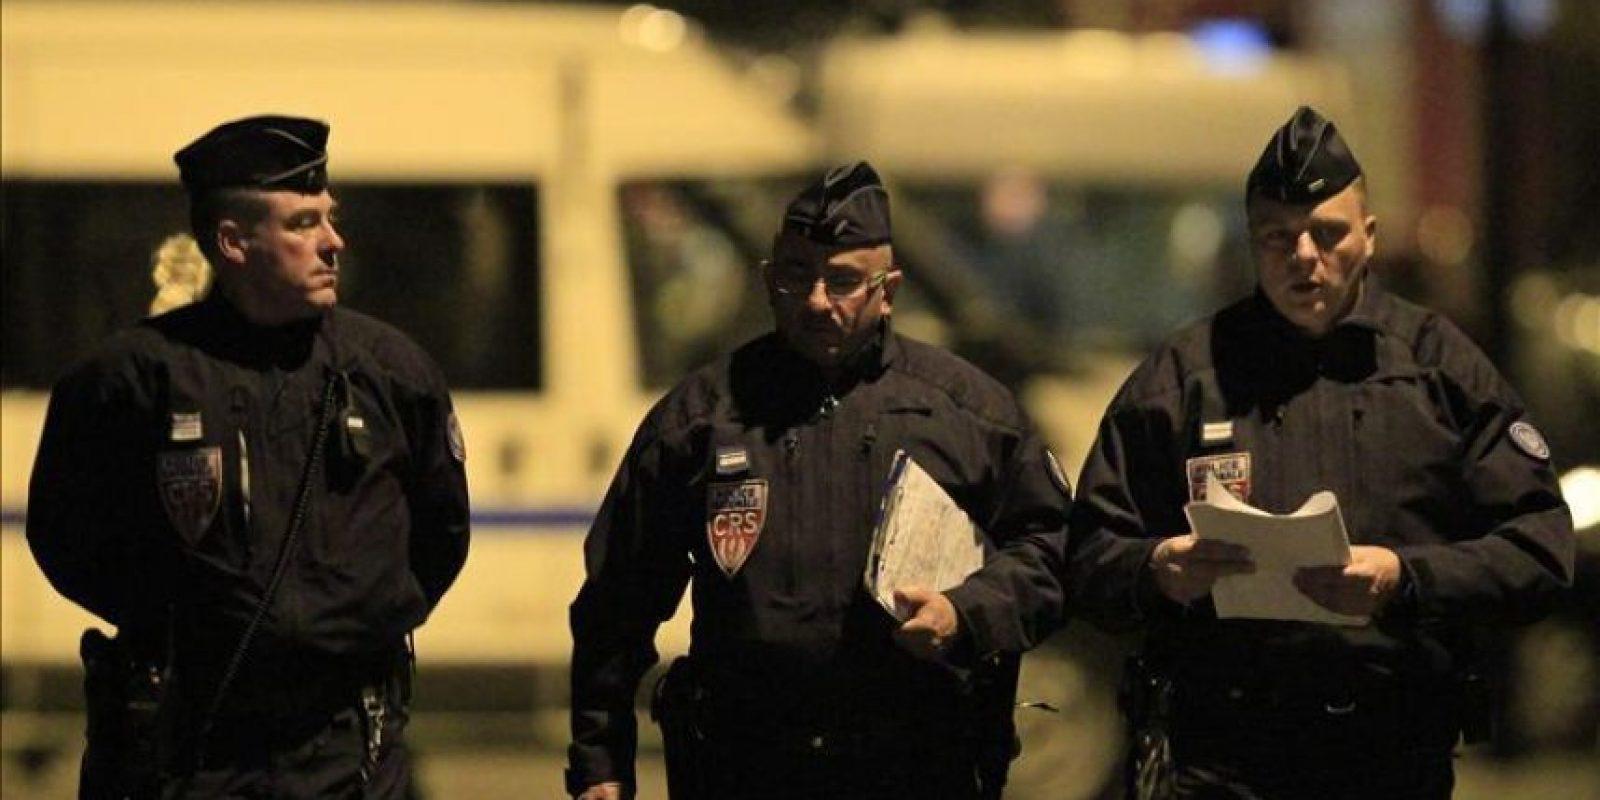 La policía francesa en el barrio residencial de Toulouse, Francia donde se encuentra el presunto autor, el francés de origen argelino de 23 años, Mohamed Merah, de los siete asesinatos cometidos en esa región del sur de Francia y que asegura pertenecer a Al Qaeda. EFE